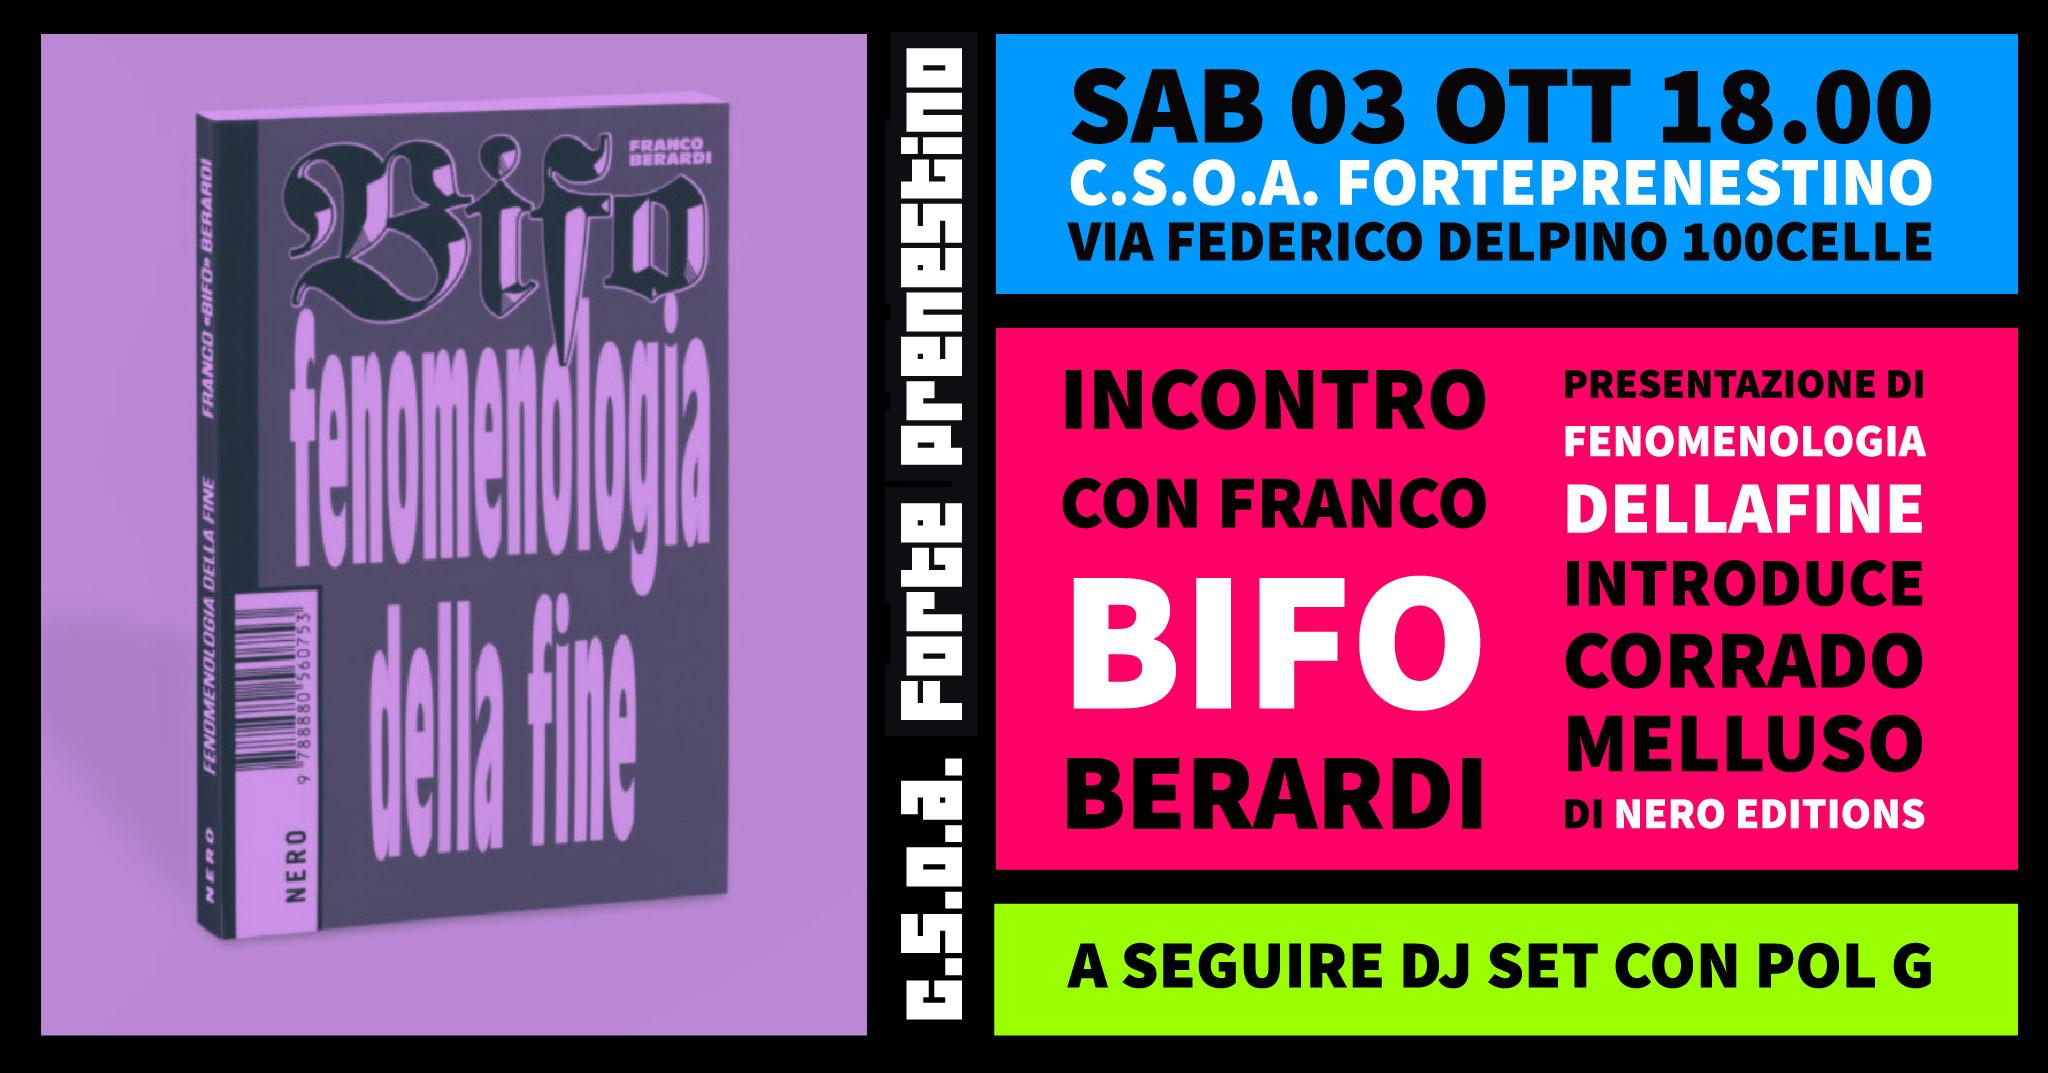 Presentazione del libro FENOMENOLOGIA DELLA FINE